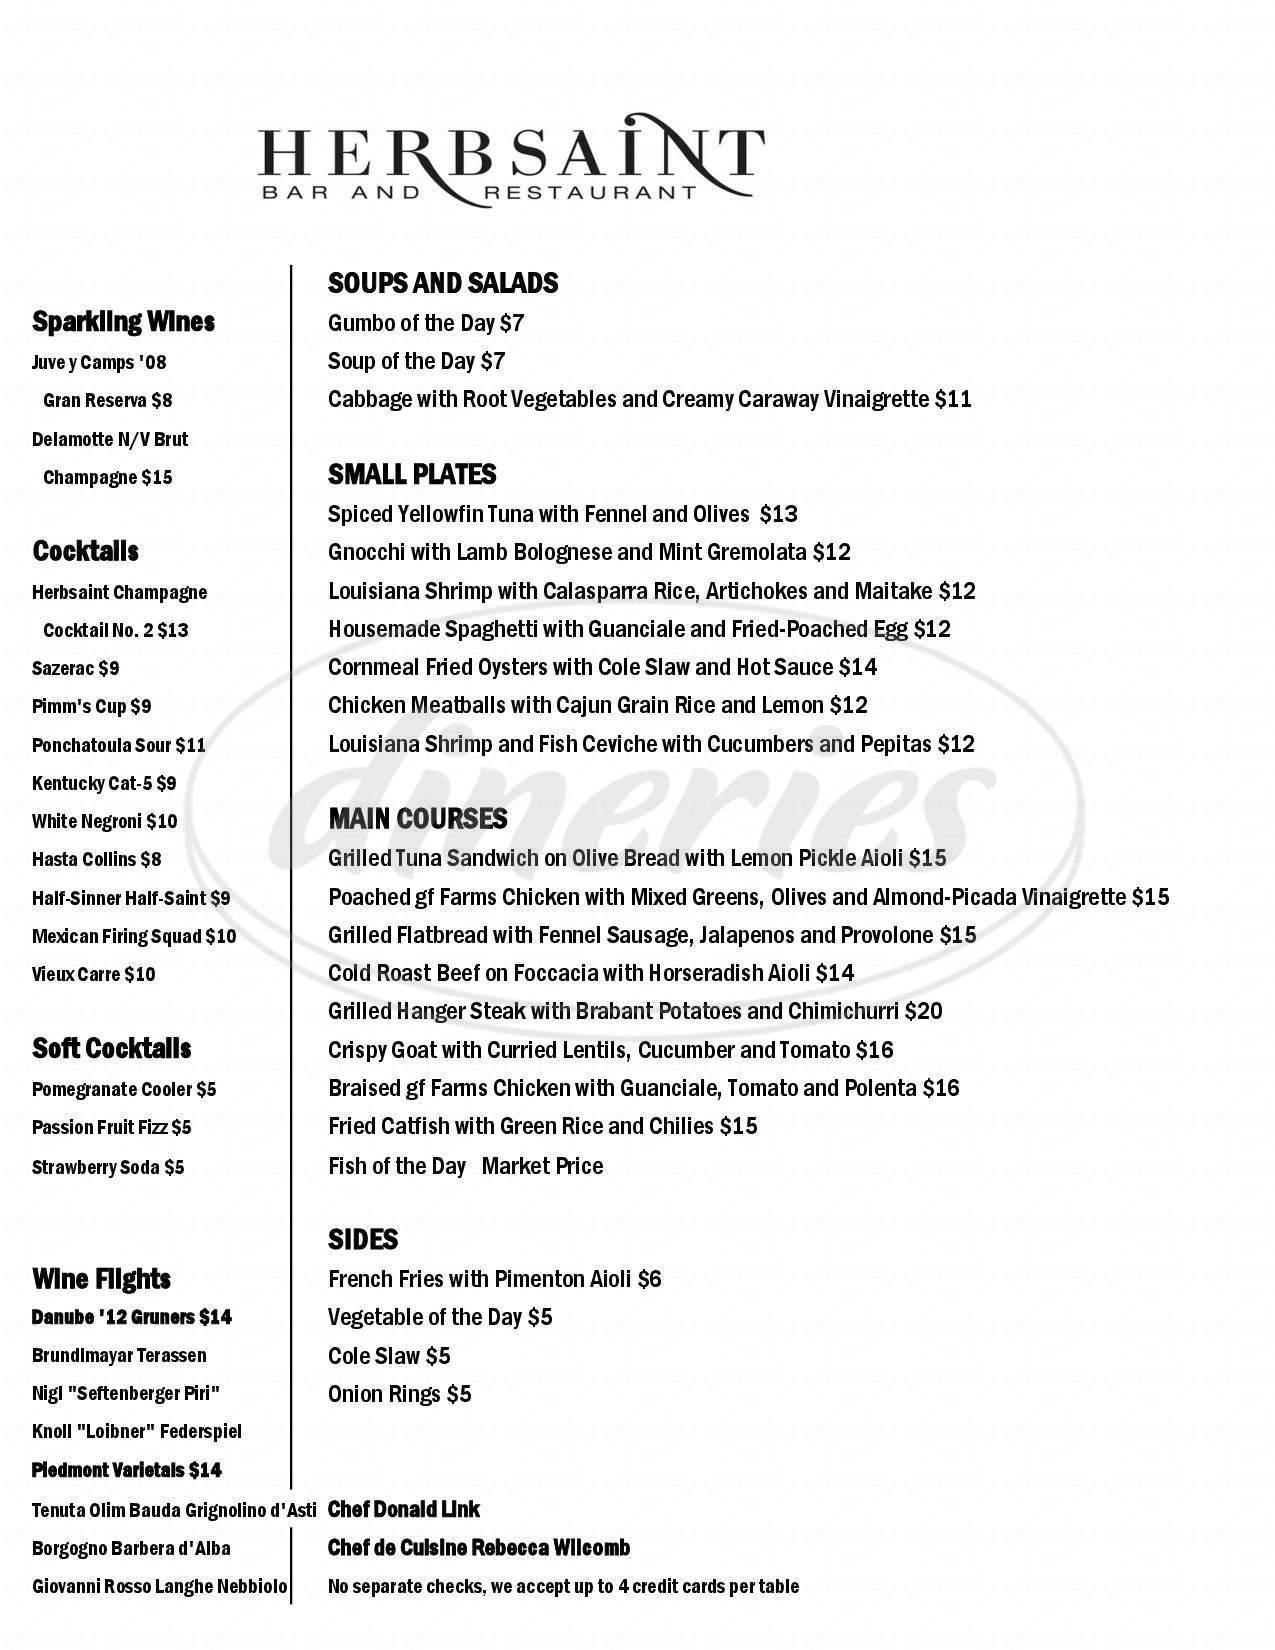 menu for Herbsaint